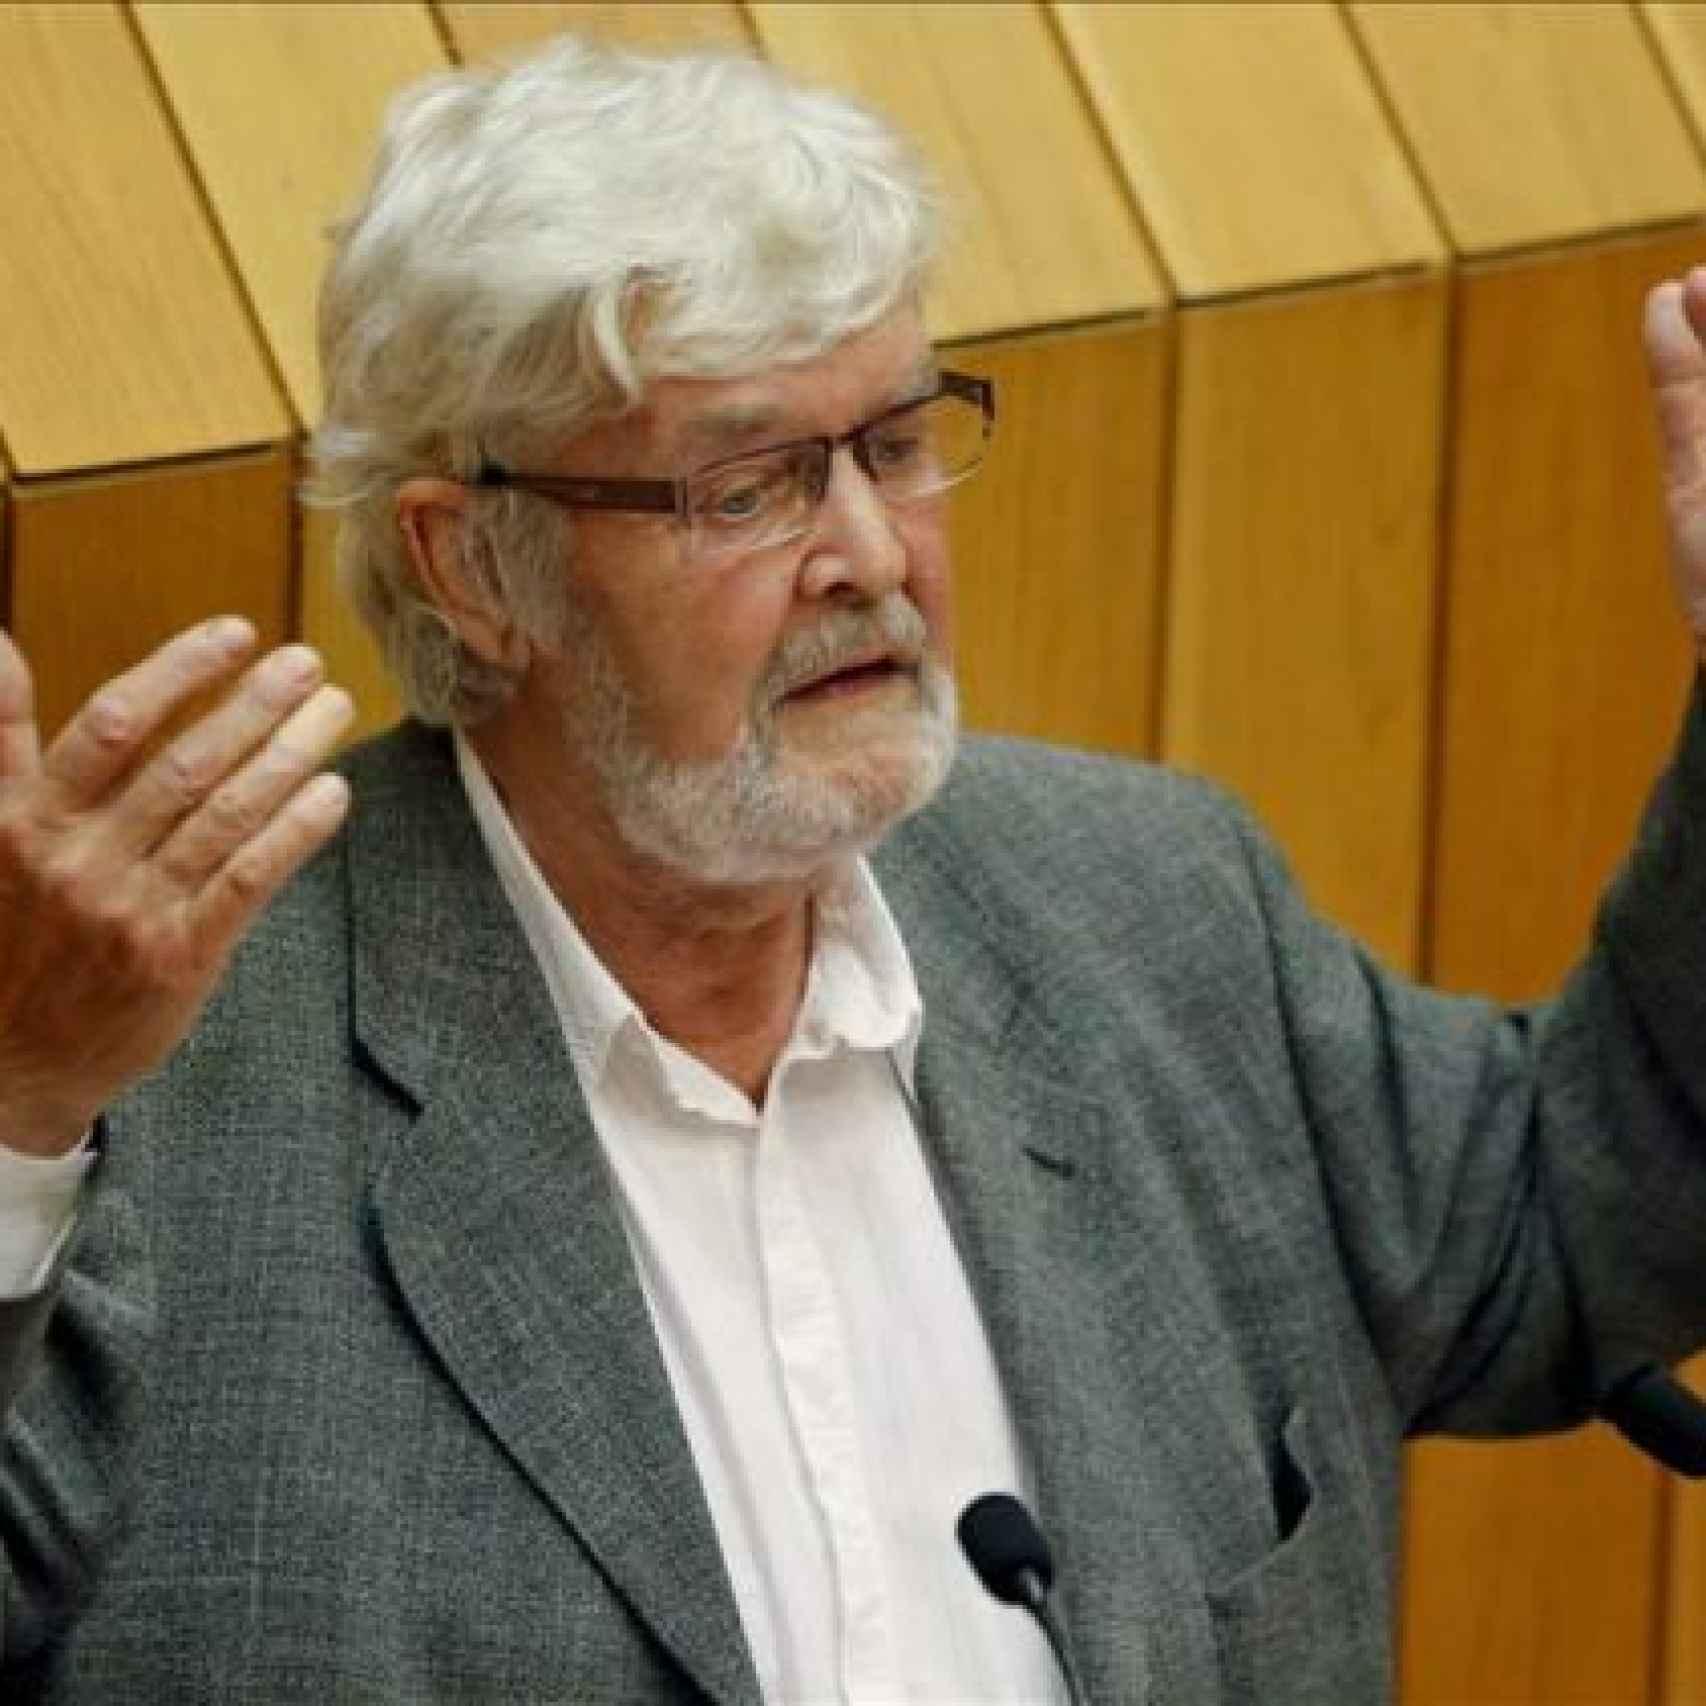 Xosé Manuel Beiras, en uno de sus discursos en el Parlamento Gallego